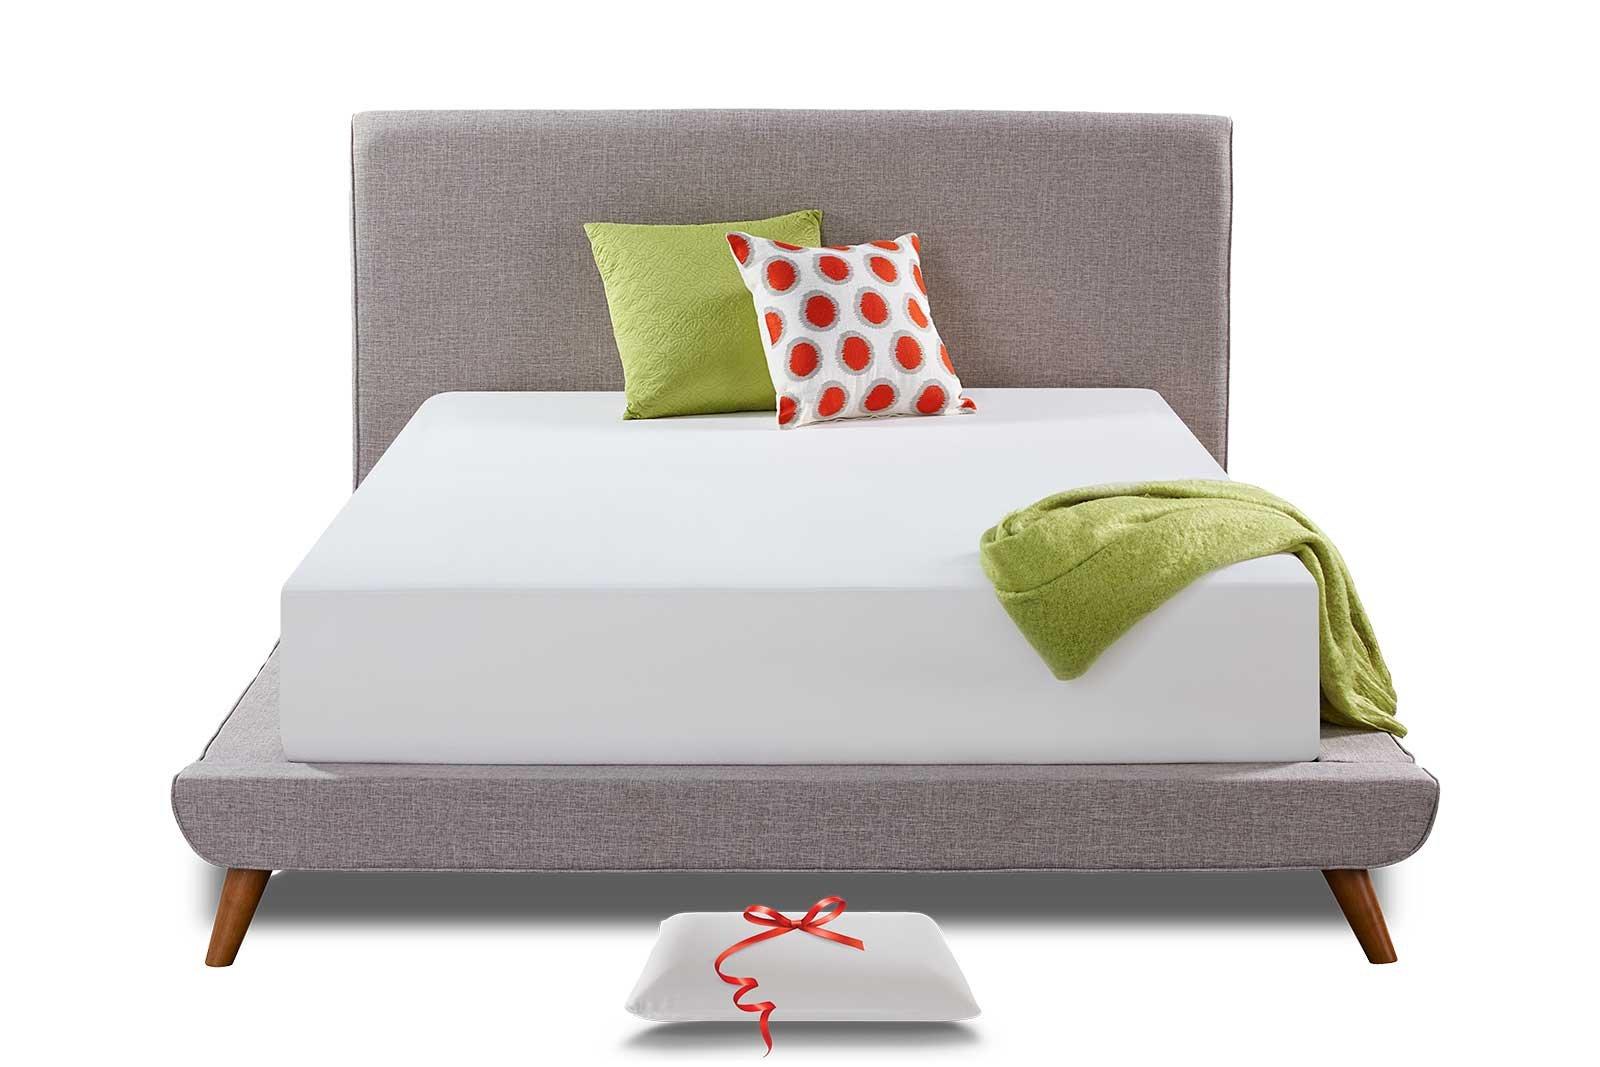 Live & Sleep Classic RV Mattress - Short Queen Memory Foam Mattress - 12-Inch Cool Bed in a Box, Medium Firm - Form Pillow - CertiPUR Certified - Trailer, Camper, Truck, Motor-Home Short Queen Size